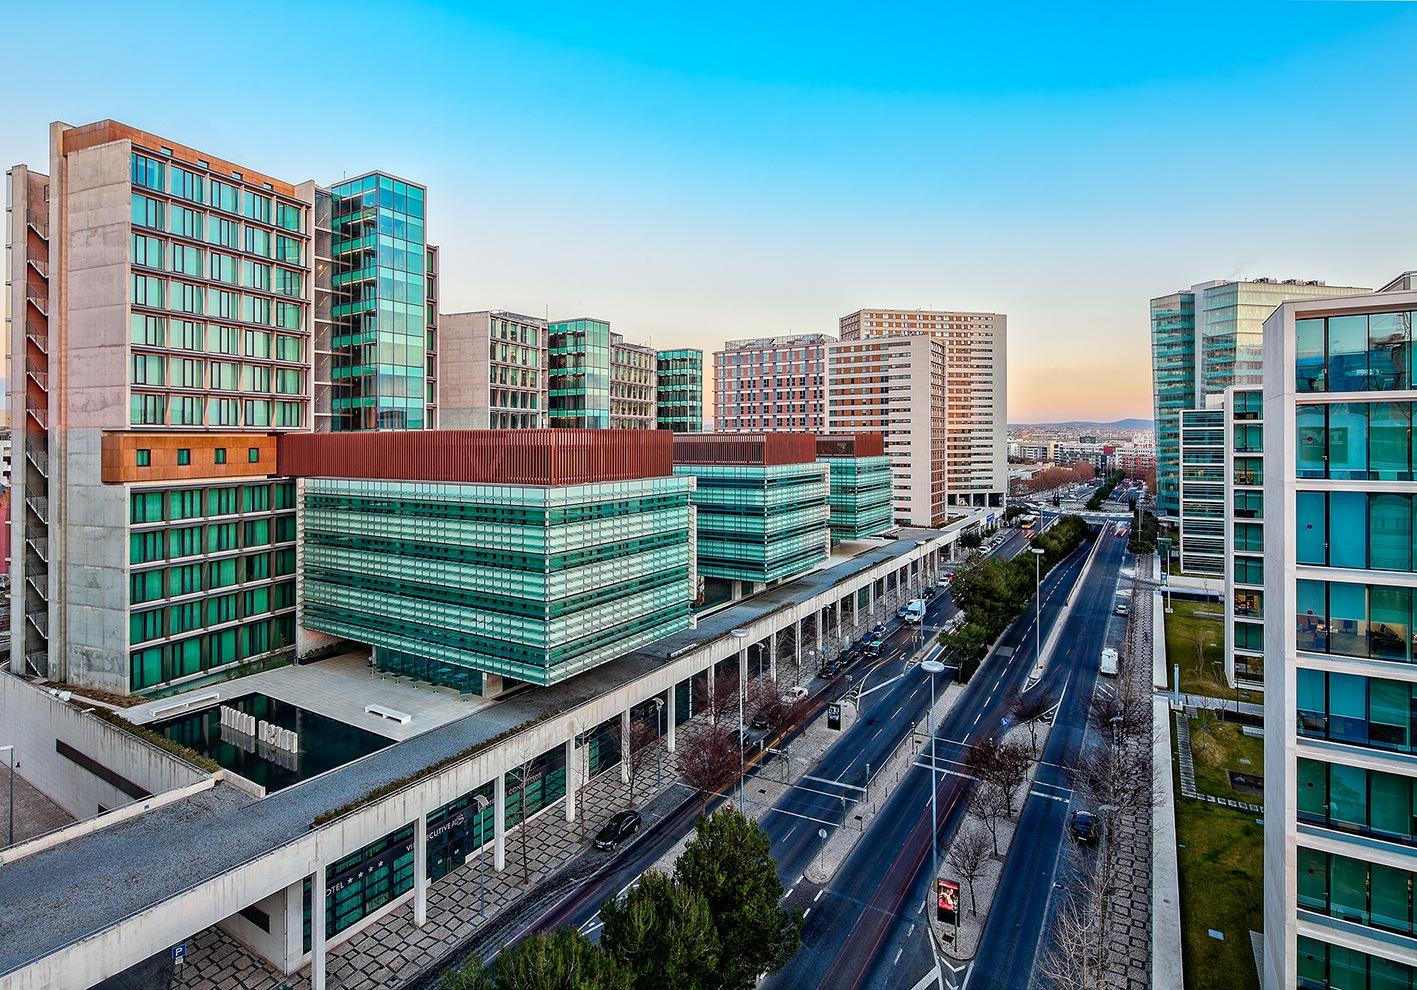 Edifício Arts, no Parque das Nações, foi uma das últimas aquisições na empresa em Portugal / JLL e Cushman & Wakefield